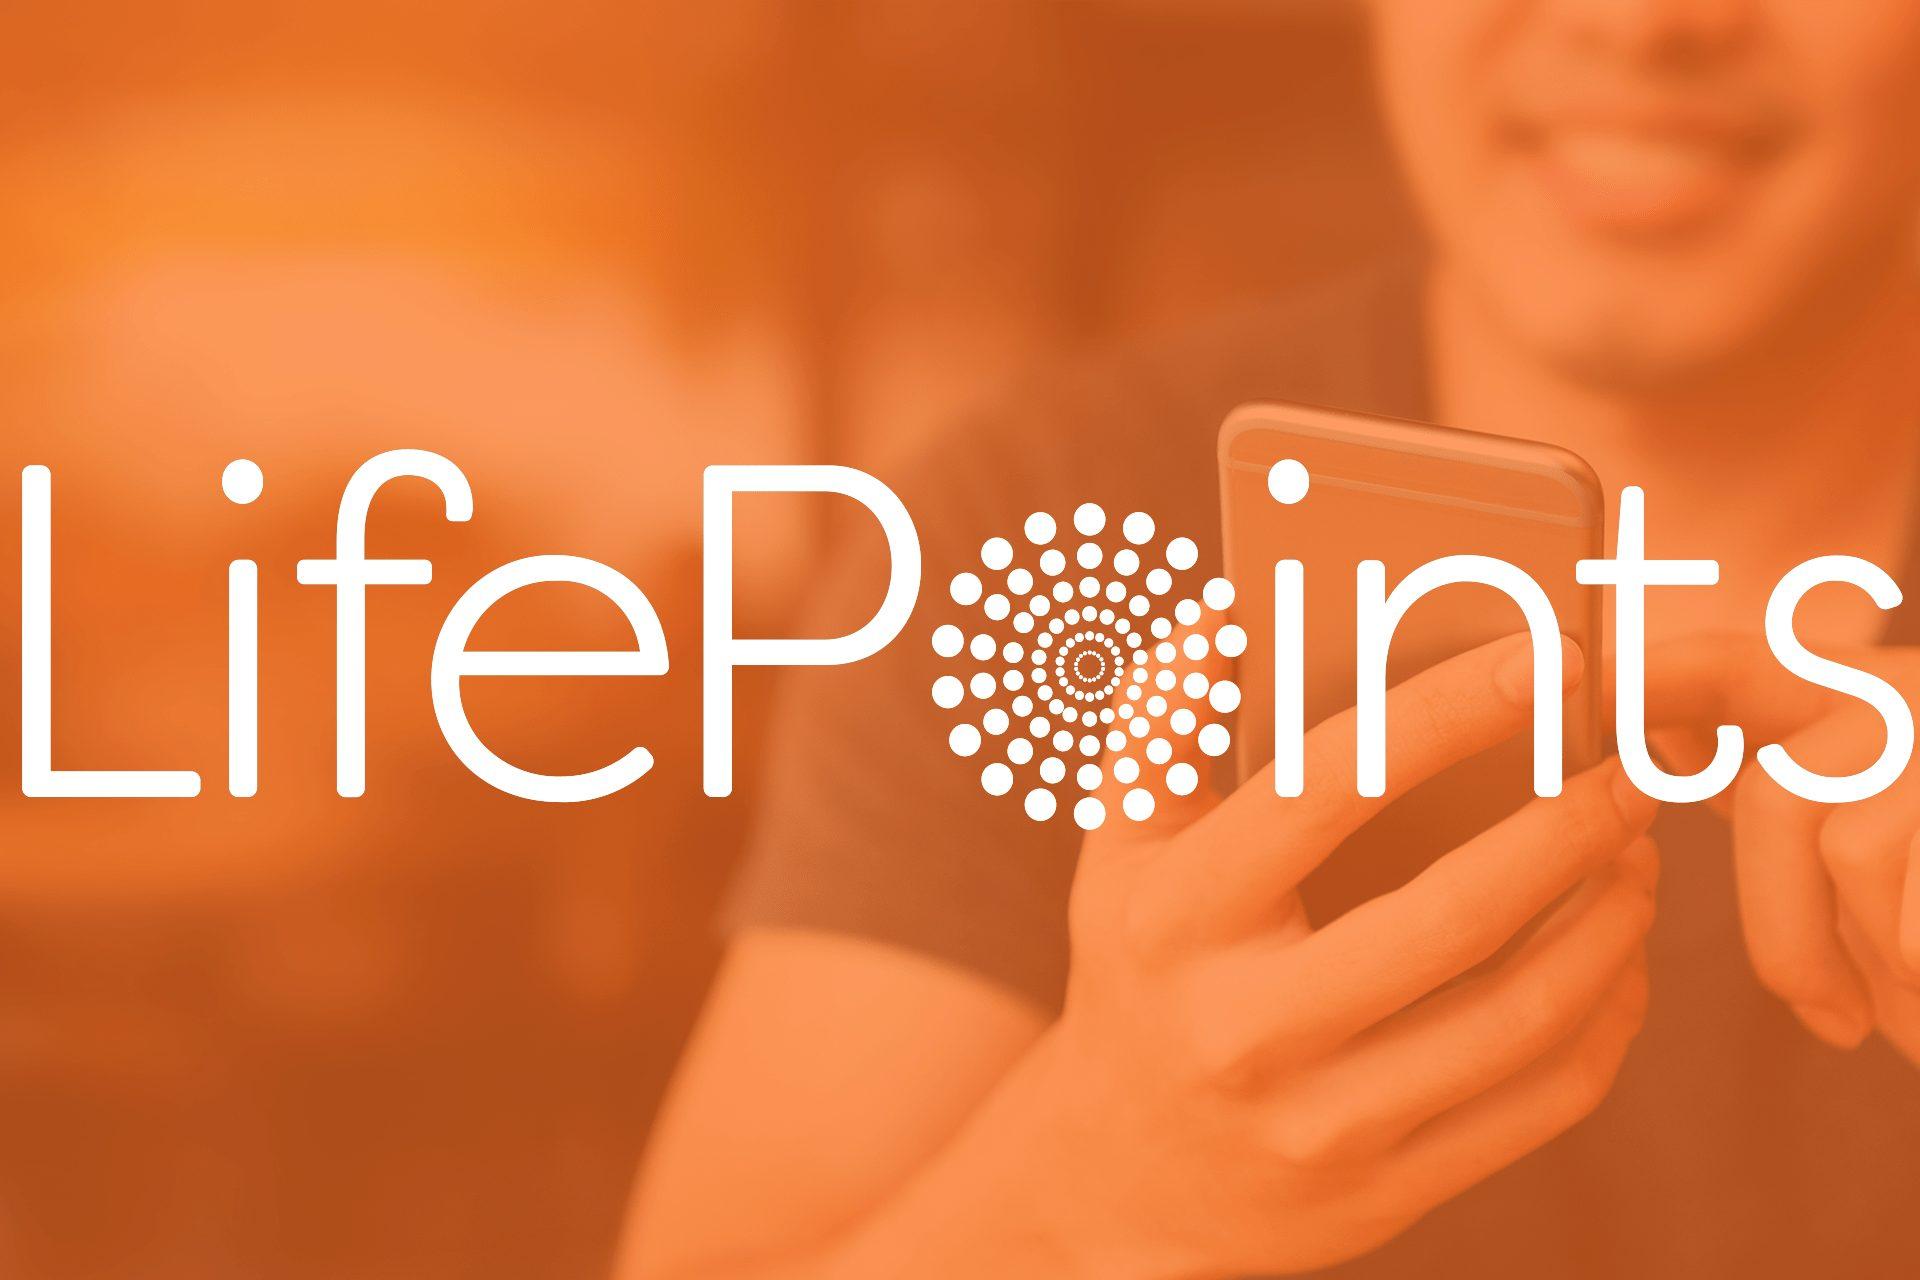 موقع lifepoints – لايفبوينتس و كيفية الربح منه 2500$ شهريا